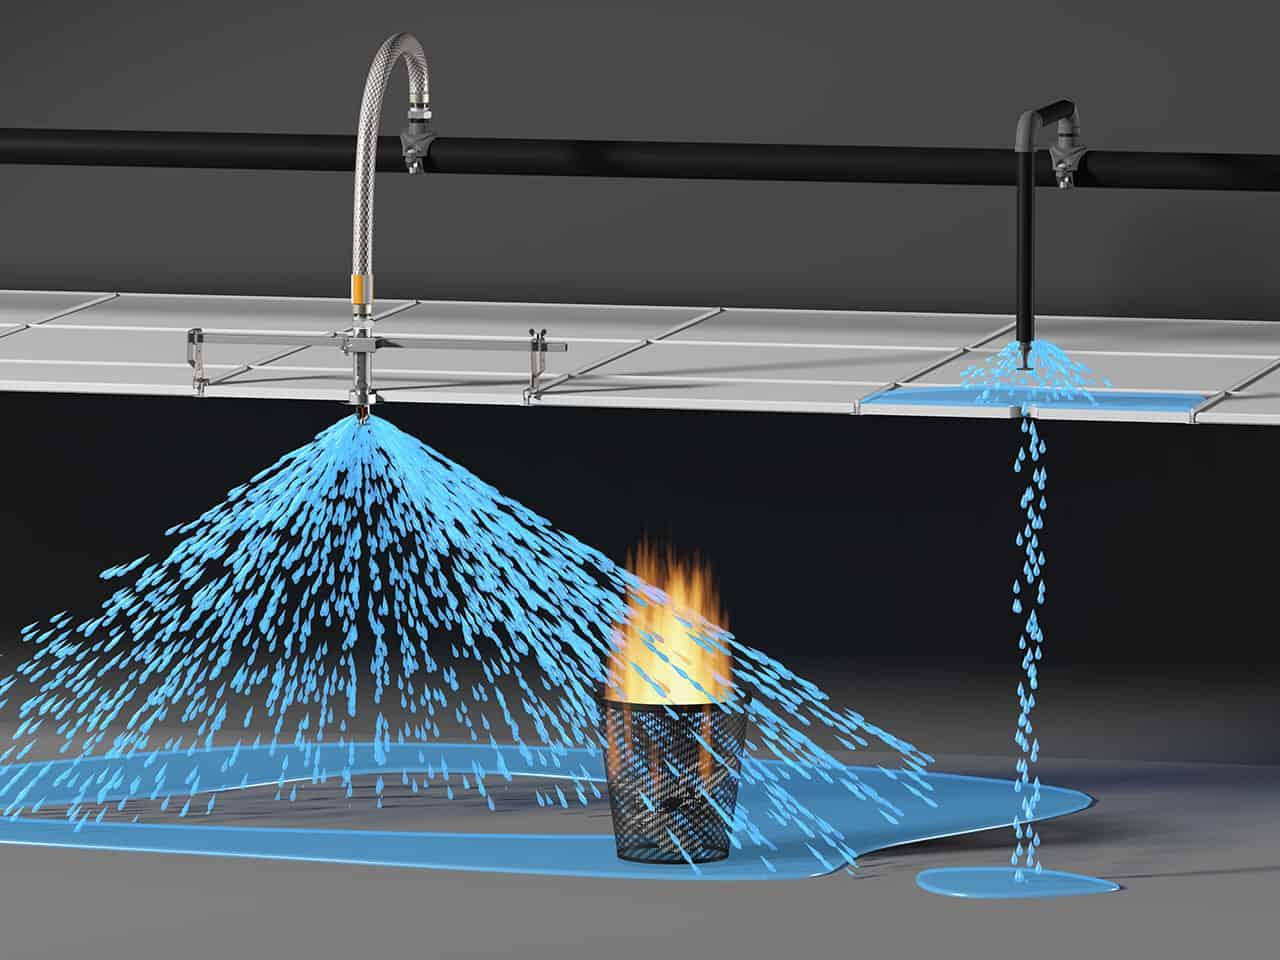 Система пожаротушения должна иметь достаточный радиус действия, чтобы погасить пламя во всем помещении.